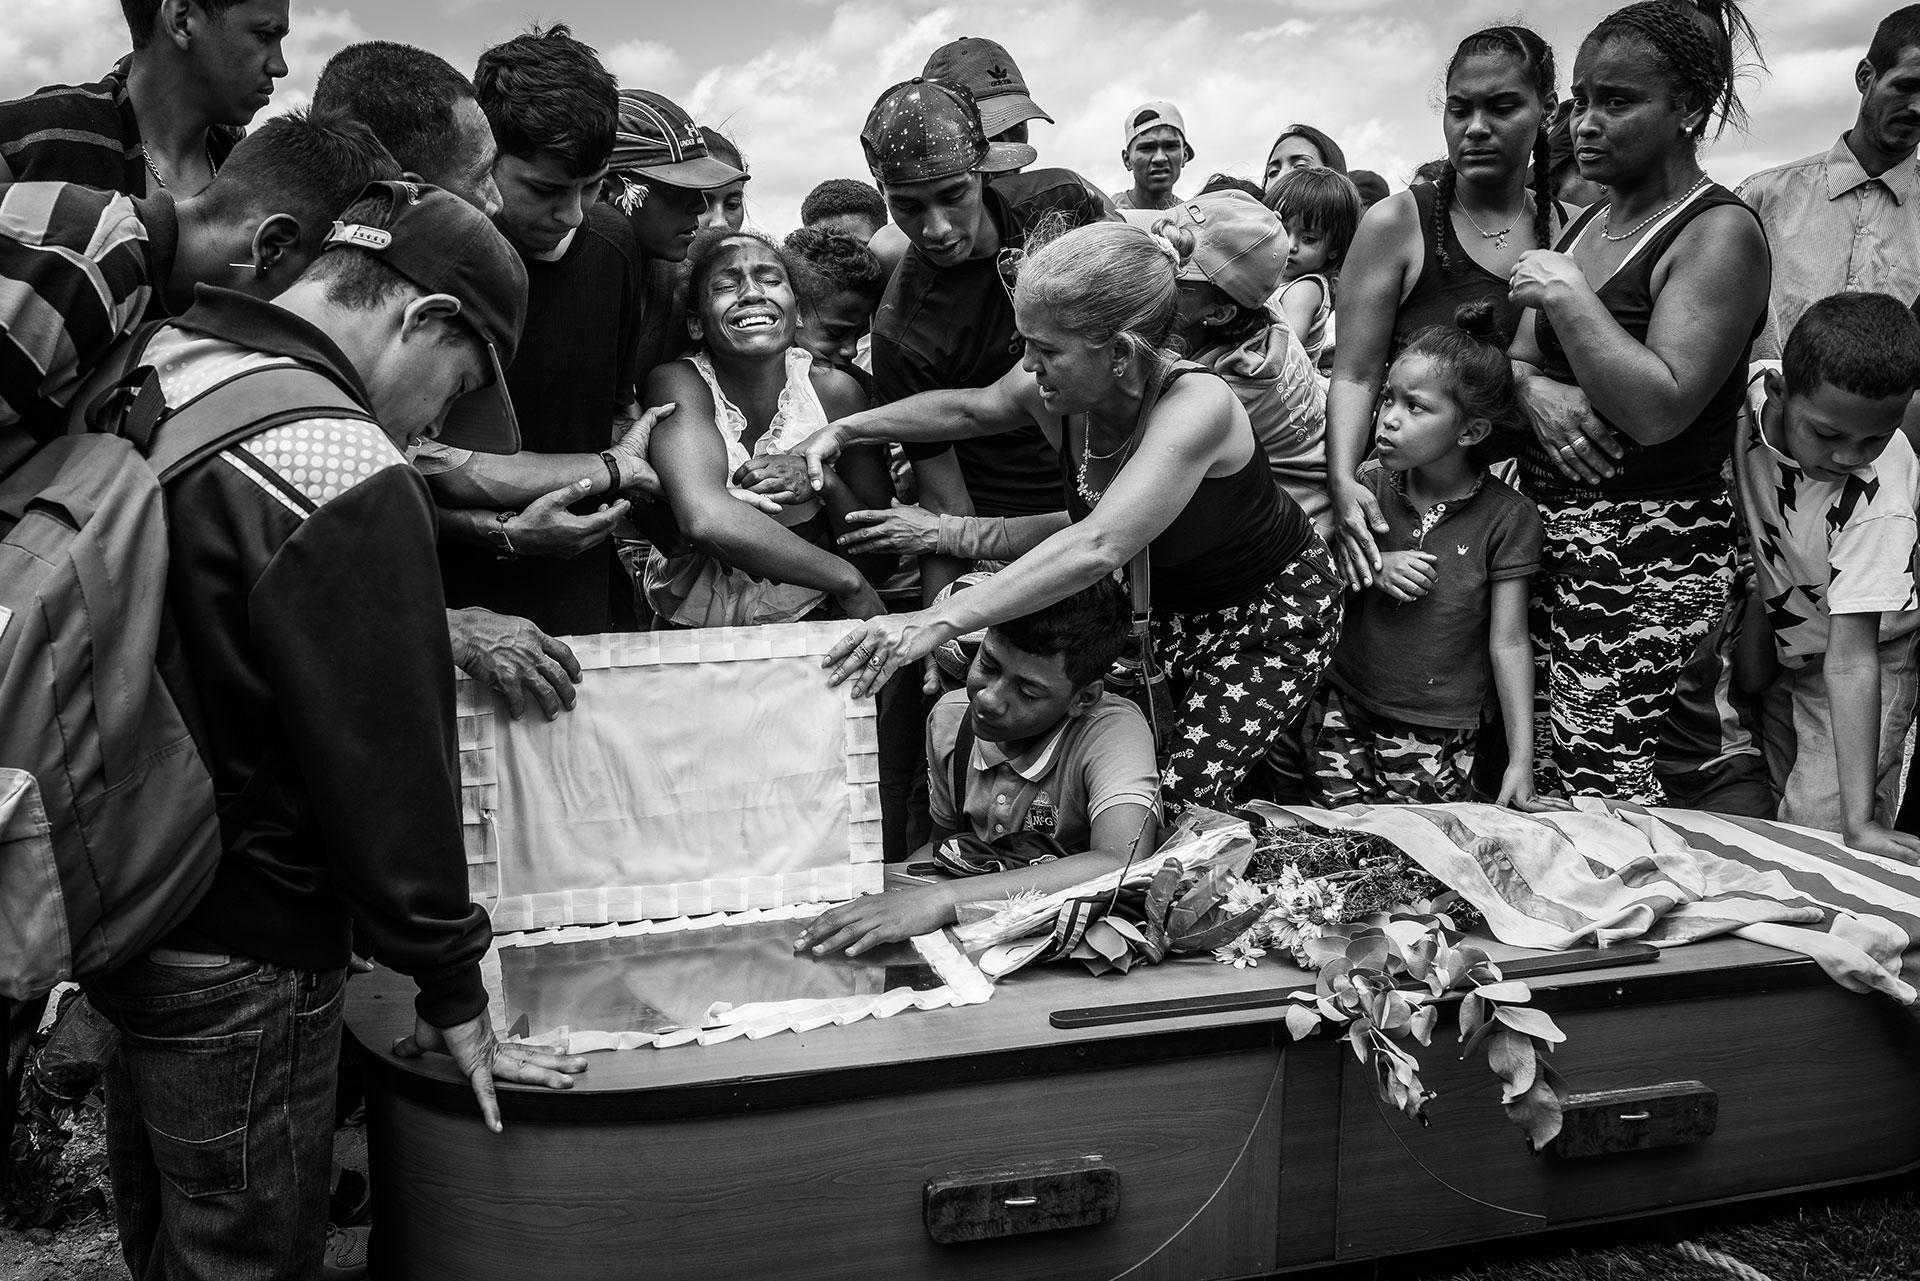 La viuda de Keiber Cubero (25 años) llora durante el funeral de su marido. Padre de una niña y con dificultades para conseguir comida, Keiber salió una noche junto con otros dos compañeros a robar en un restaurante, pero fueron interceptados y ejecutados por la policía.